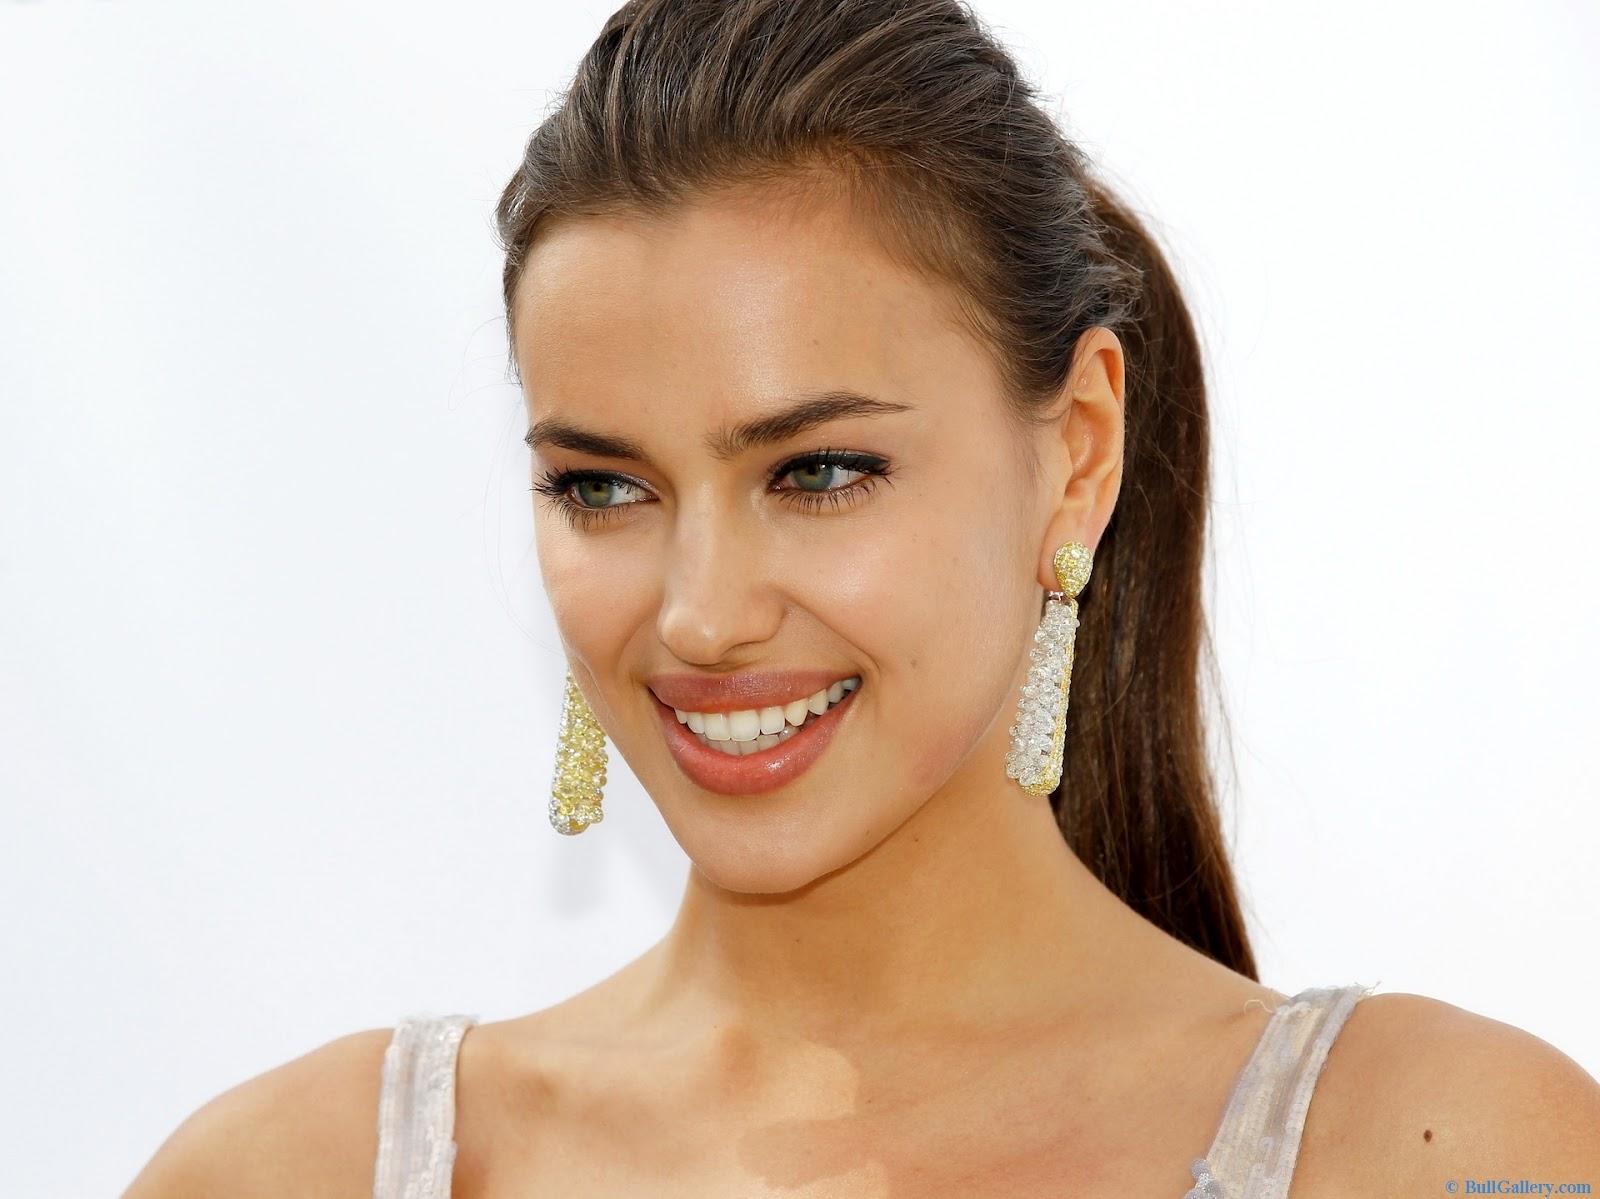 Vẻ đẹp gợi cảm của các ngôi sao Hollywood là hình mẫu của các cô gái trẻ